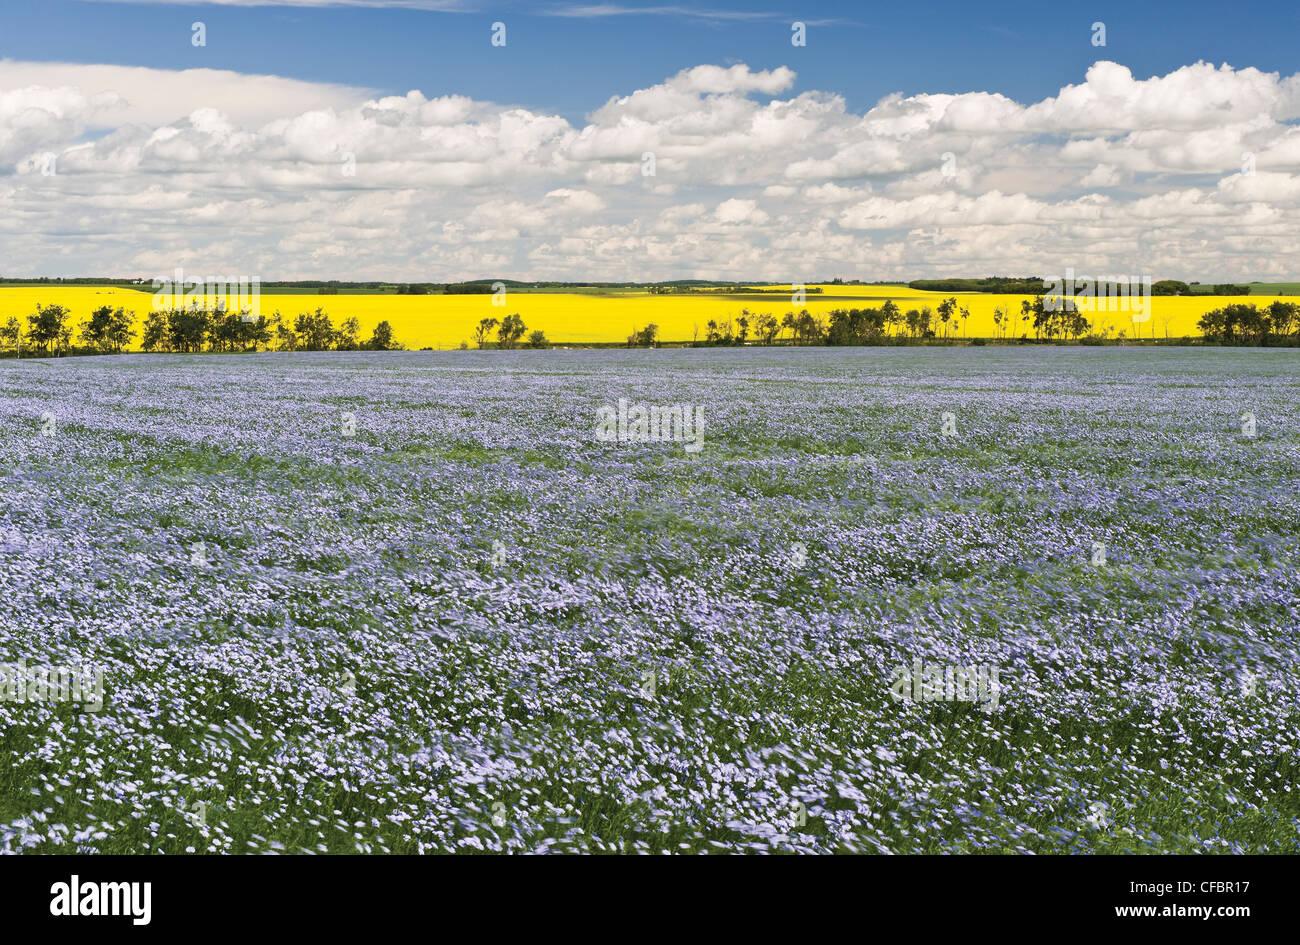 Fioritura battente campo di lino con la canola in background, Tiger sulle colline vicino a Somerset, Manitoba, Canada Immagini Stock